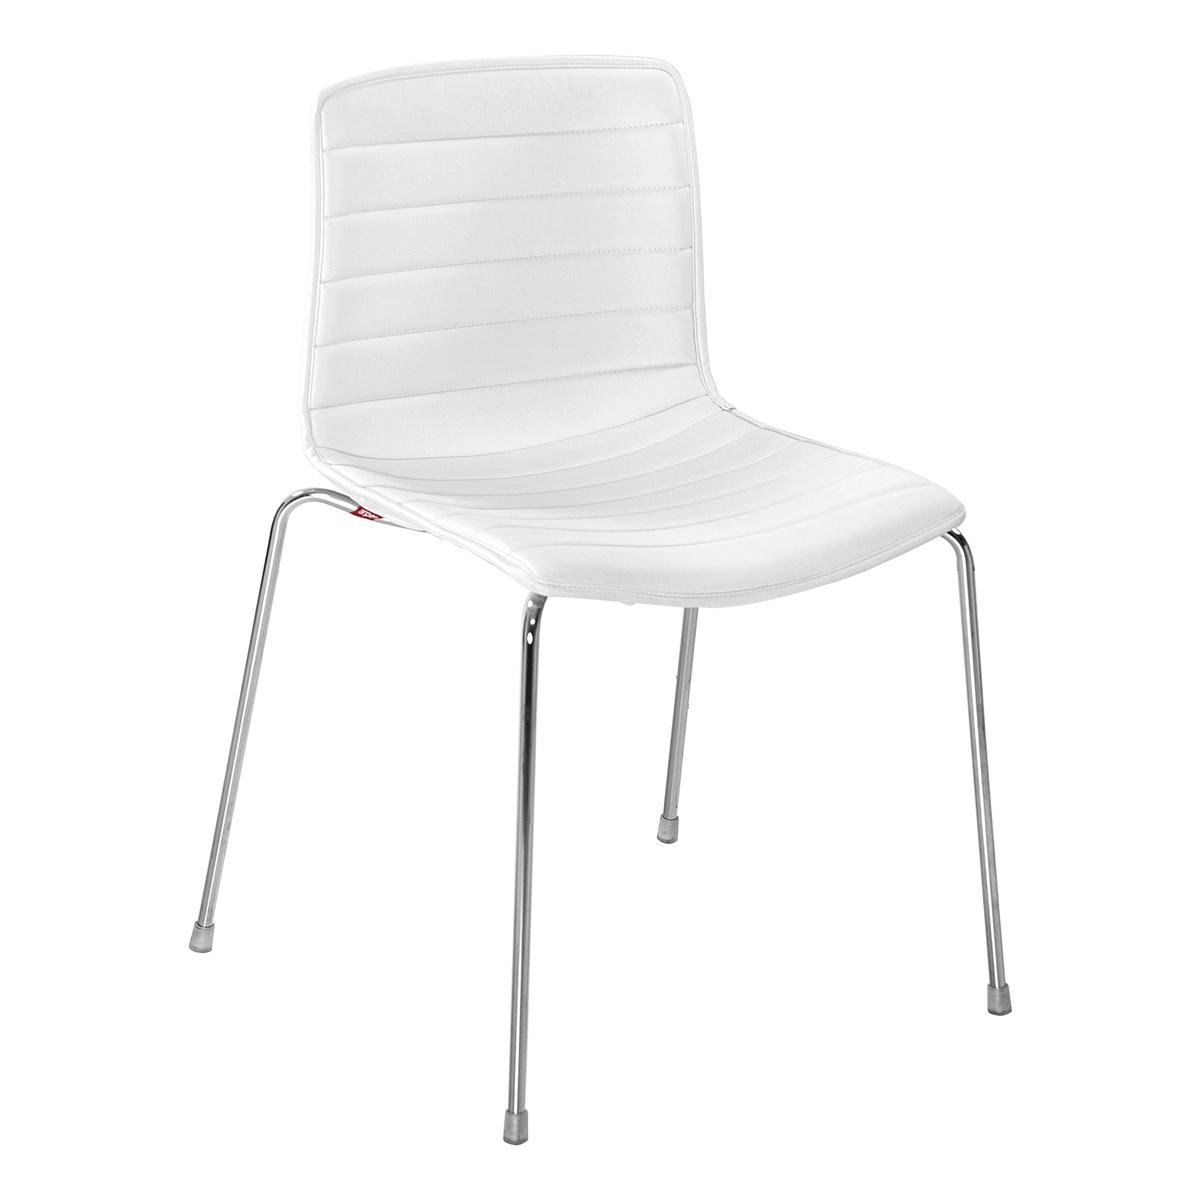 Stuhl Catifa 46 Leder, 4-Fuß, weiß